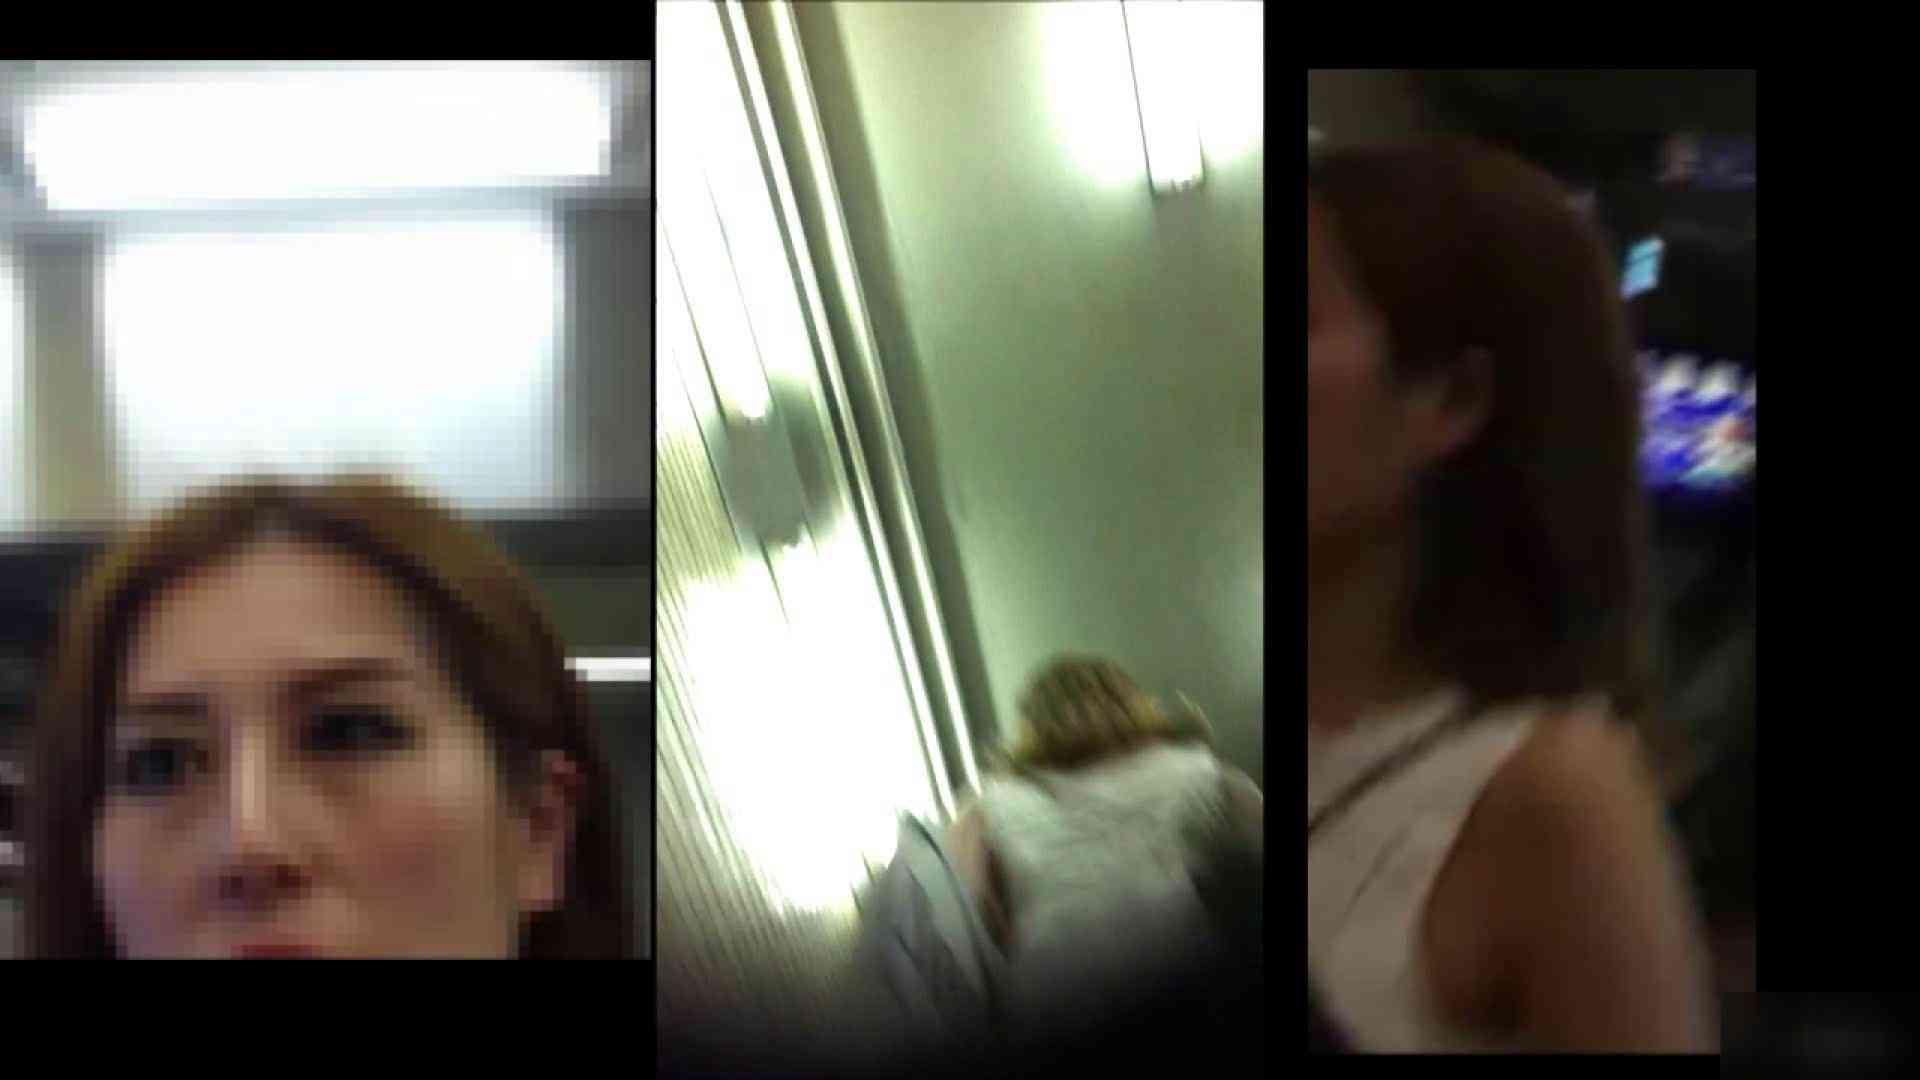 ガールズパンチラストリートビューVol.028 ギャルのエロ動画 オマンコ無修正動画無料 95画像 14